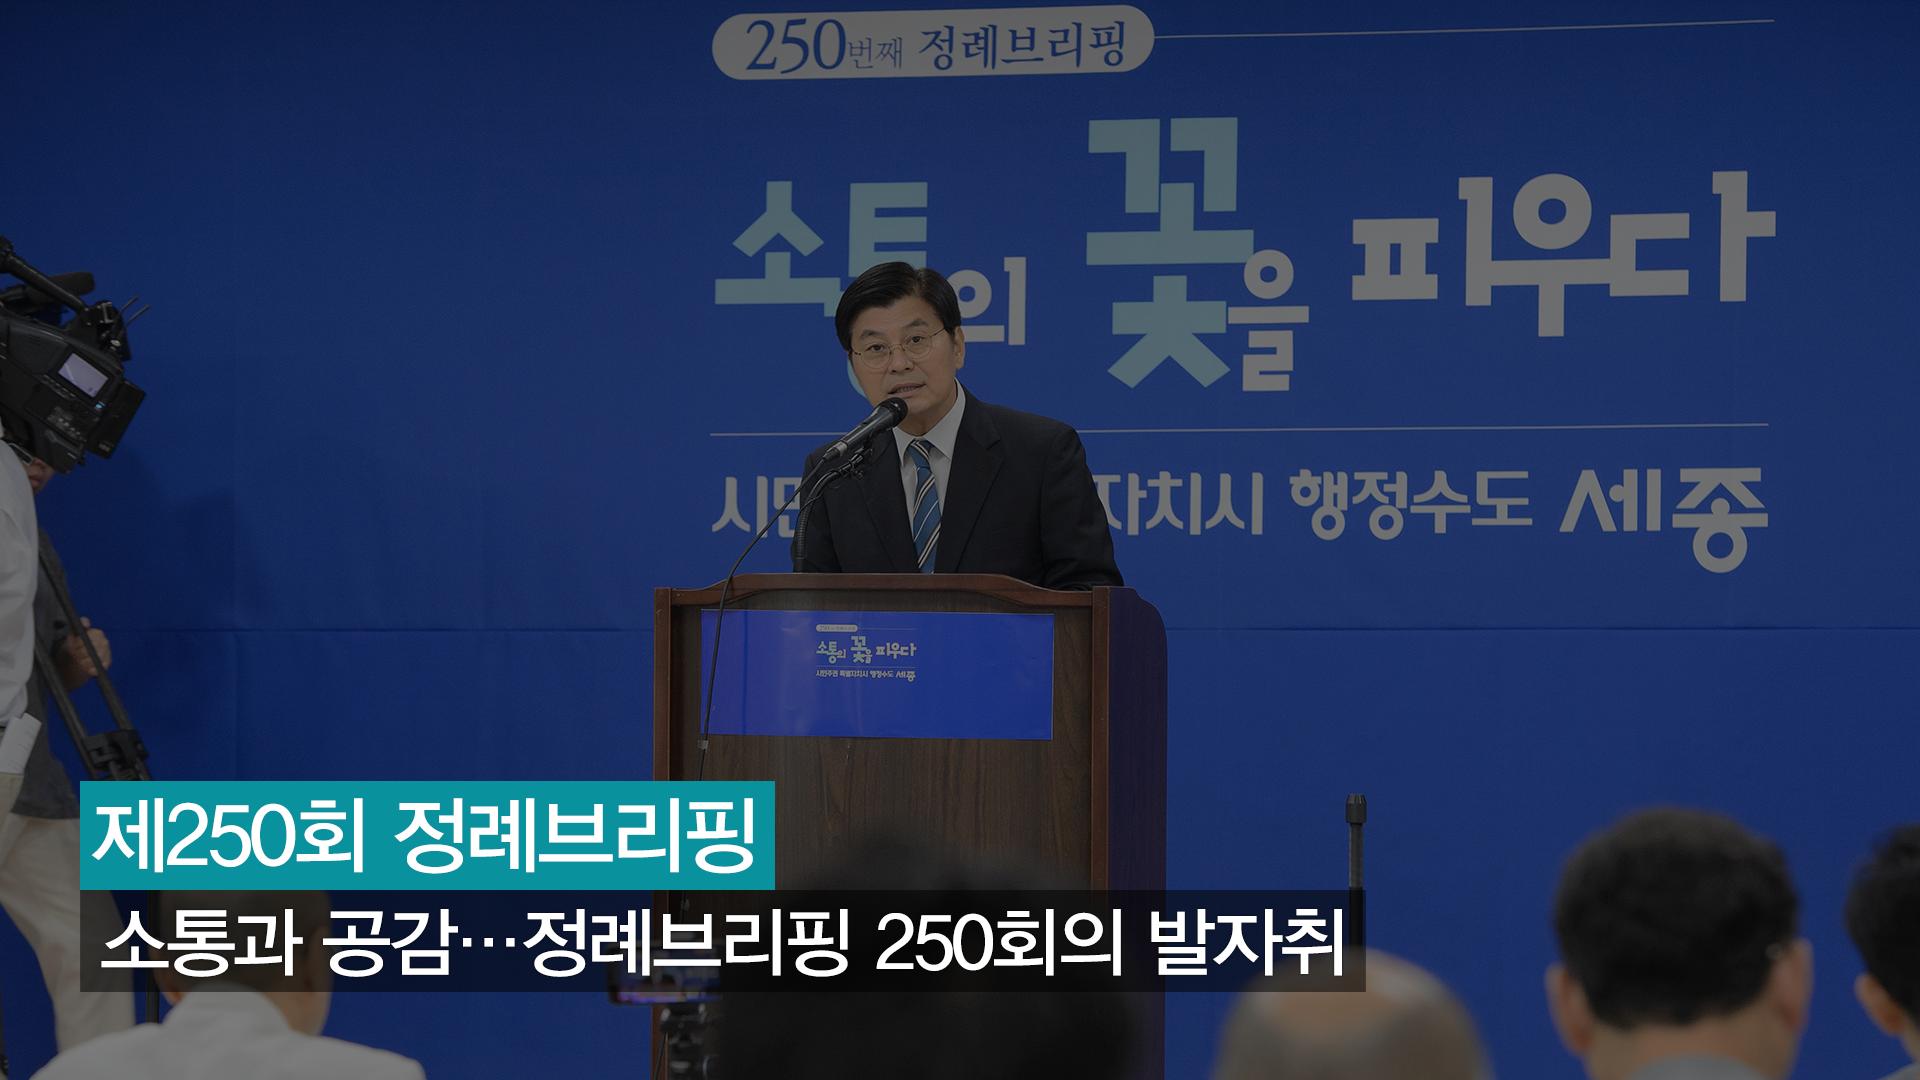 소통과 공감…정례브리핑 250회의 발자취